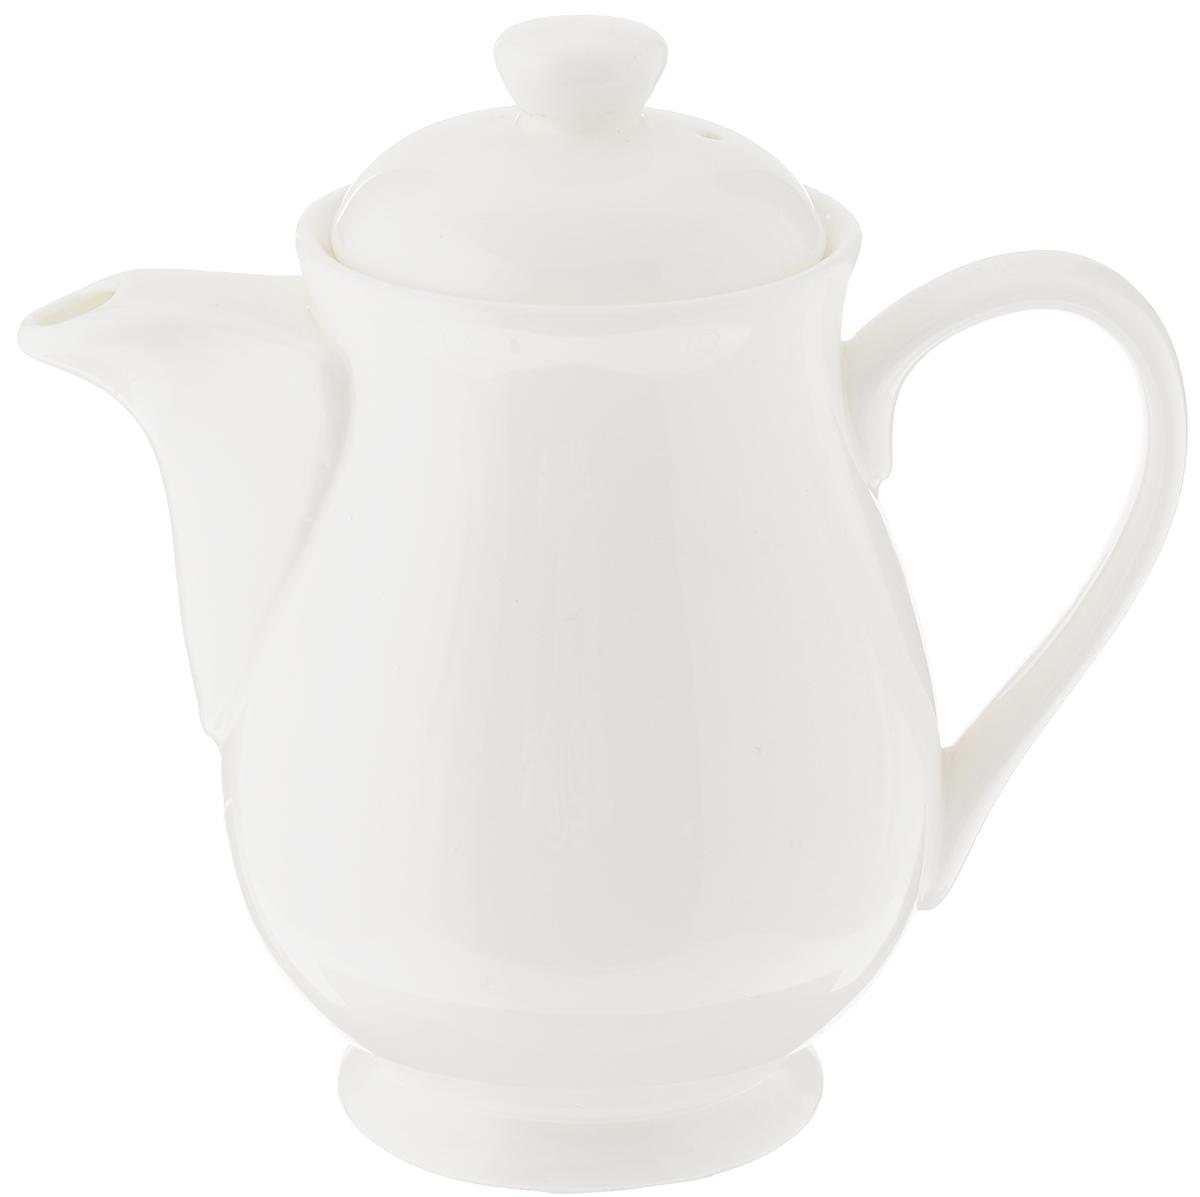 Чайник заварочный Wilmax, 450 млWL-994027 / 1CЗаварочный чайник Wilmax изготовлен из высококачественного фарфора. Глазурованное покрытие обеспечивает легкую очистку. Изделие прекрасно подходит для заваривания вкусного и ароматного чая, а также травяных настоев. Ситечко в основании носика препятствует попаданию чаинок в чашку. Оригинальный дизайн сделает чайник настоящим украшением стола. Он удобен в использовании и понравится каждому. Можно мыть в посудомоечной машине и использовать в микроволновой печи. Диаметр чайника (по верхнему краю): 7 см. Высота чайника (без учета крышки): 12 см.